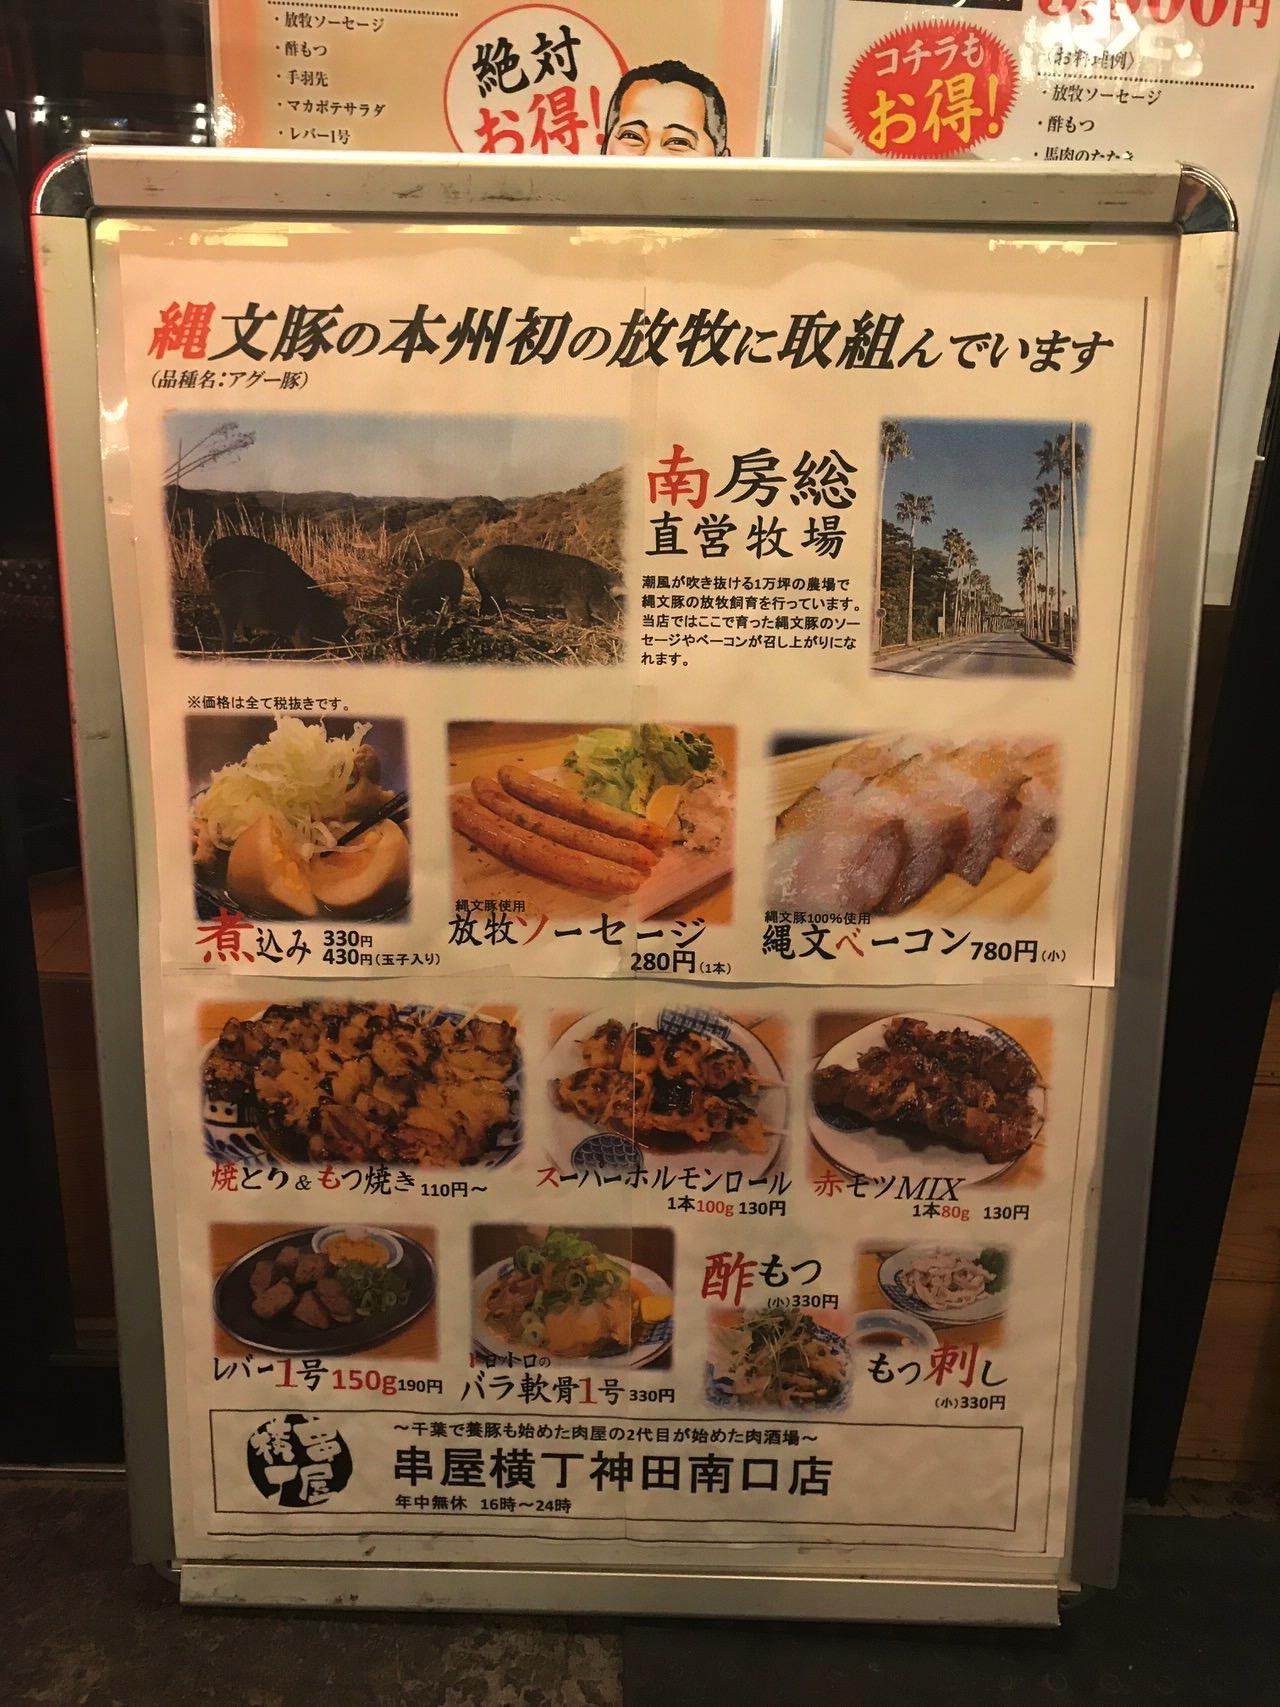 串屋横丁 神田南口店 メニュー 05